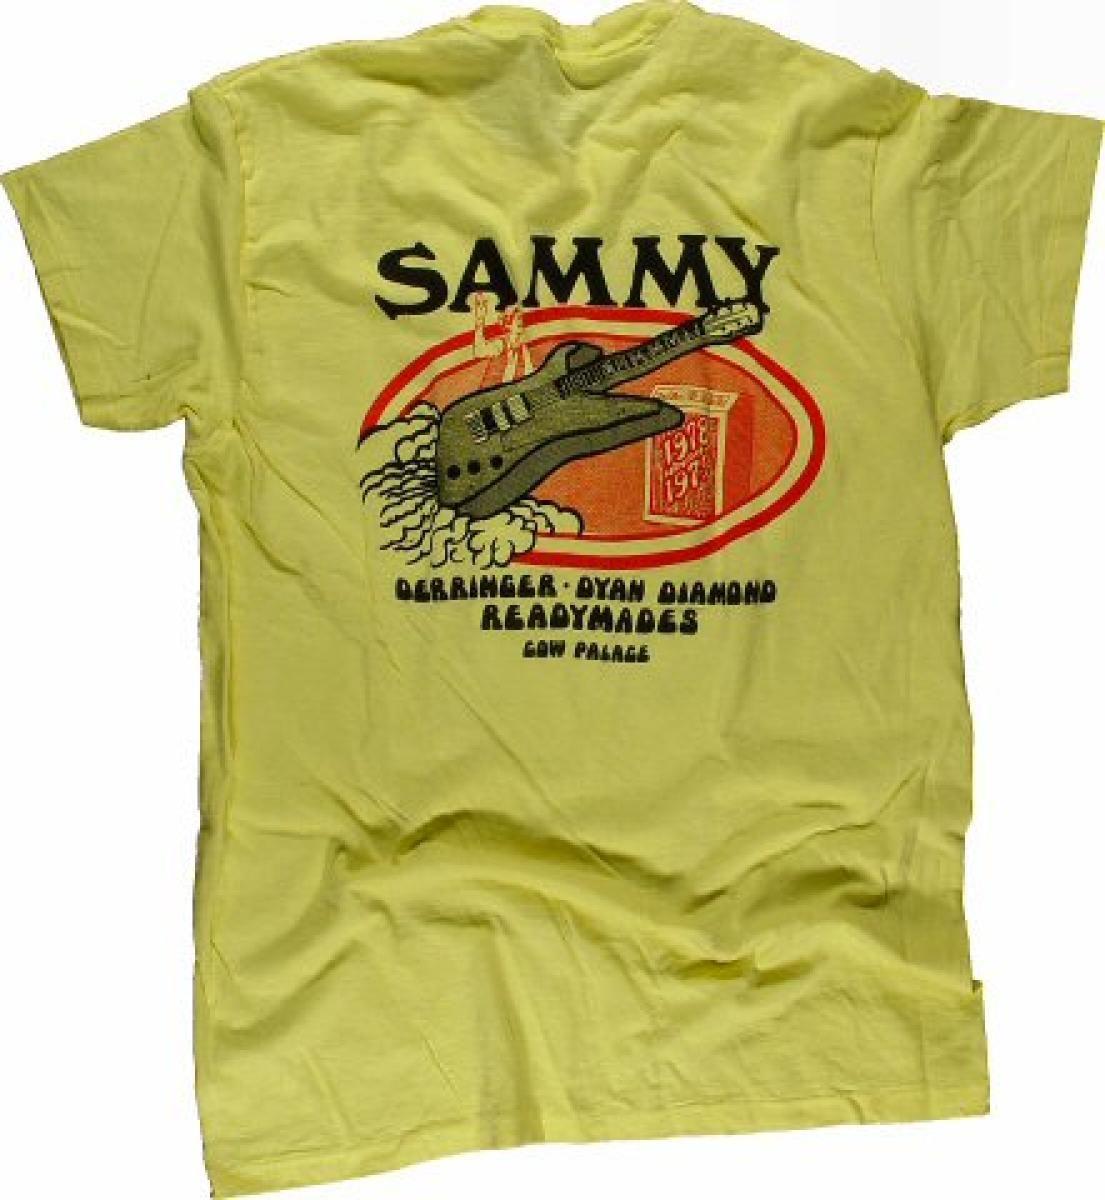 Sammy Hagar Men S T Shirt From Cow Palace Dec 31 1978 At Wolfgang S Mens Tshirts Long Sleeve Tshirt Men T Shirt